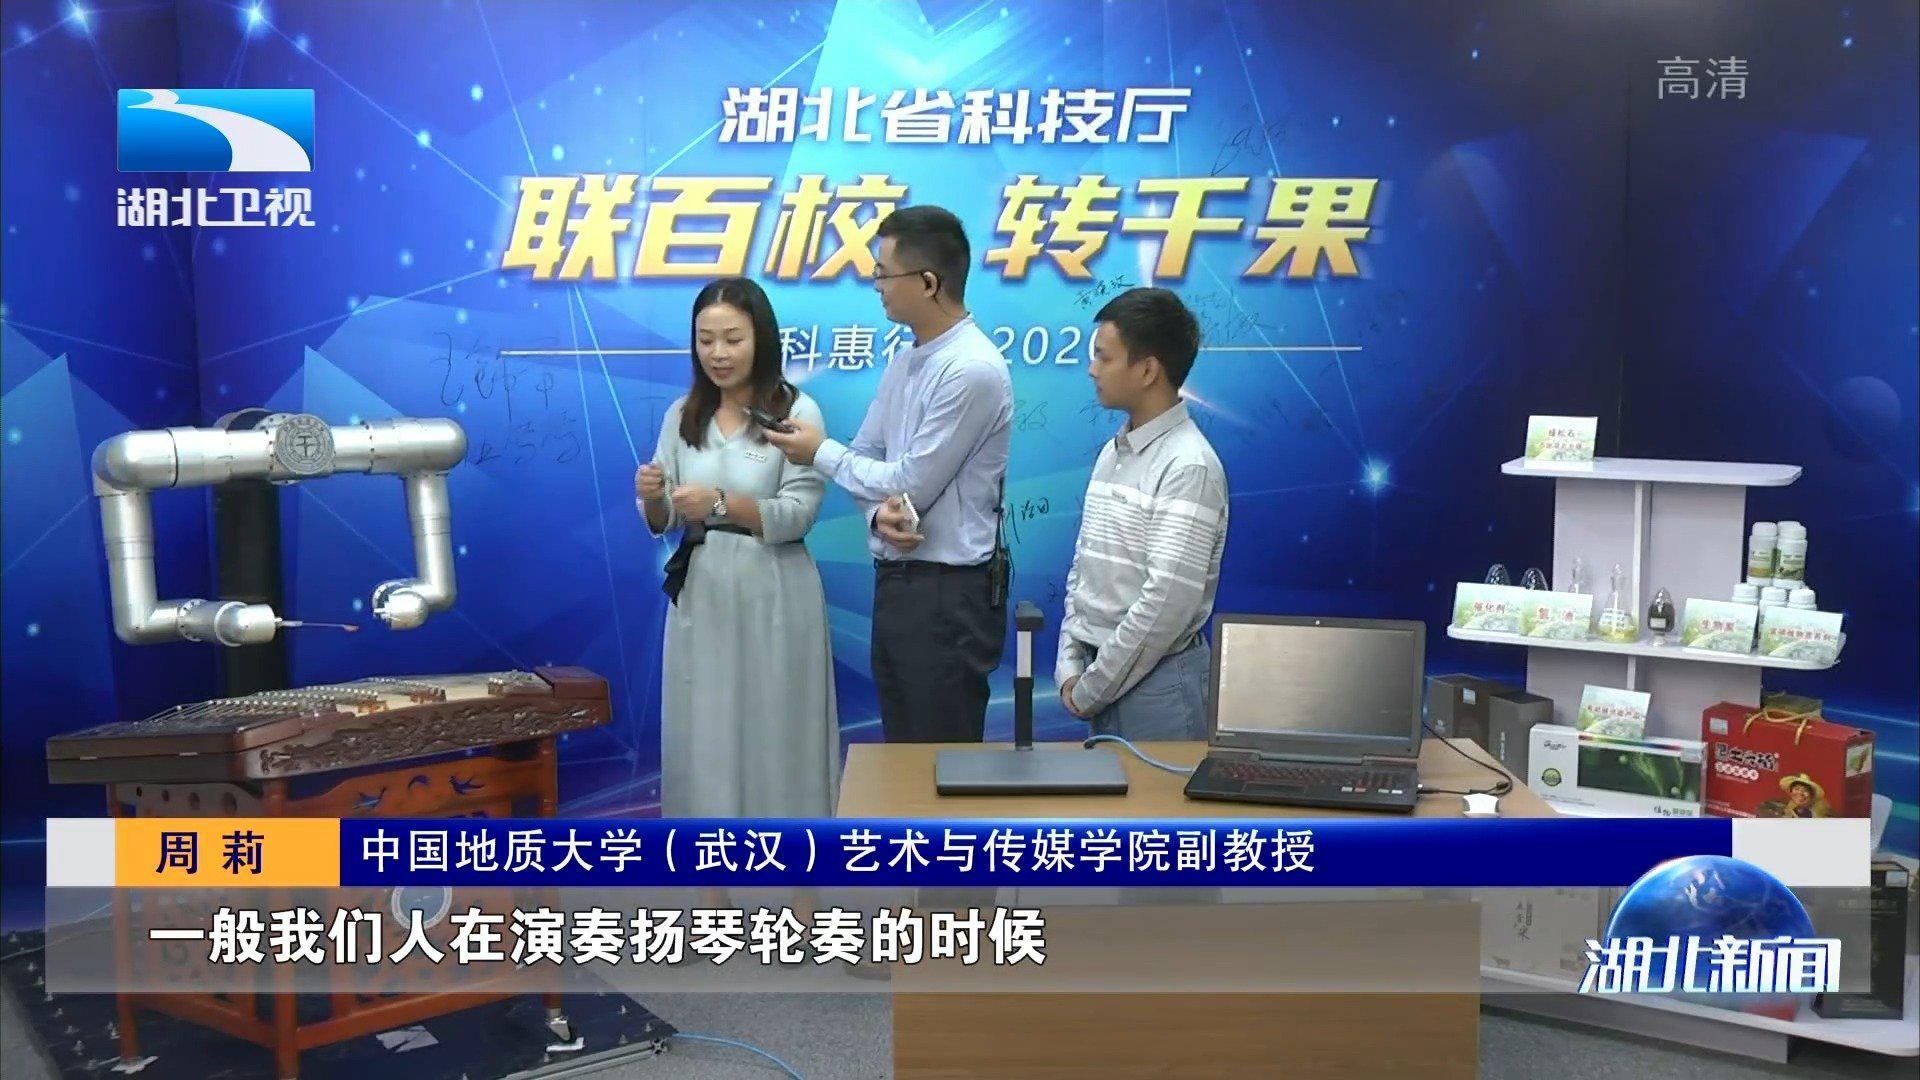 纸能变钱?中国地质大学(武汉)专场9项科技成果转化2.17亿!